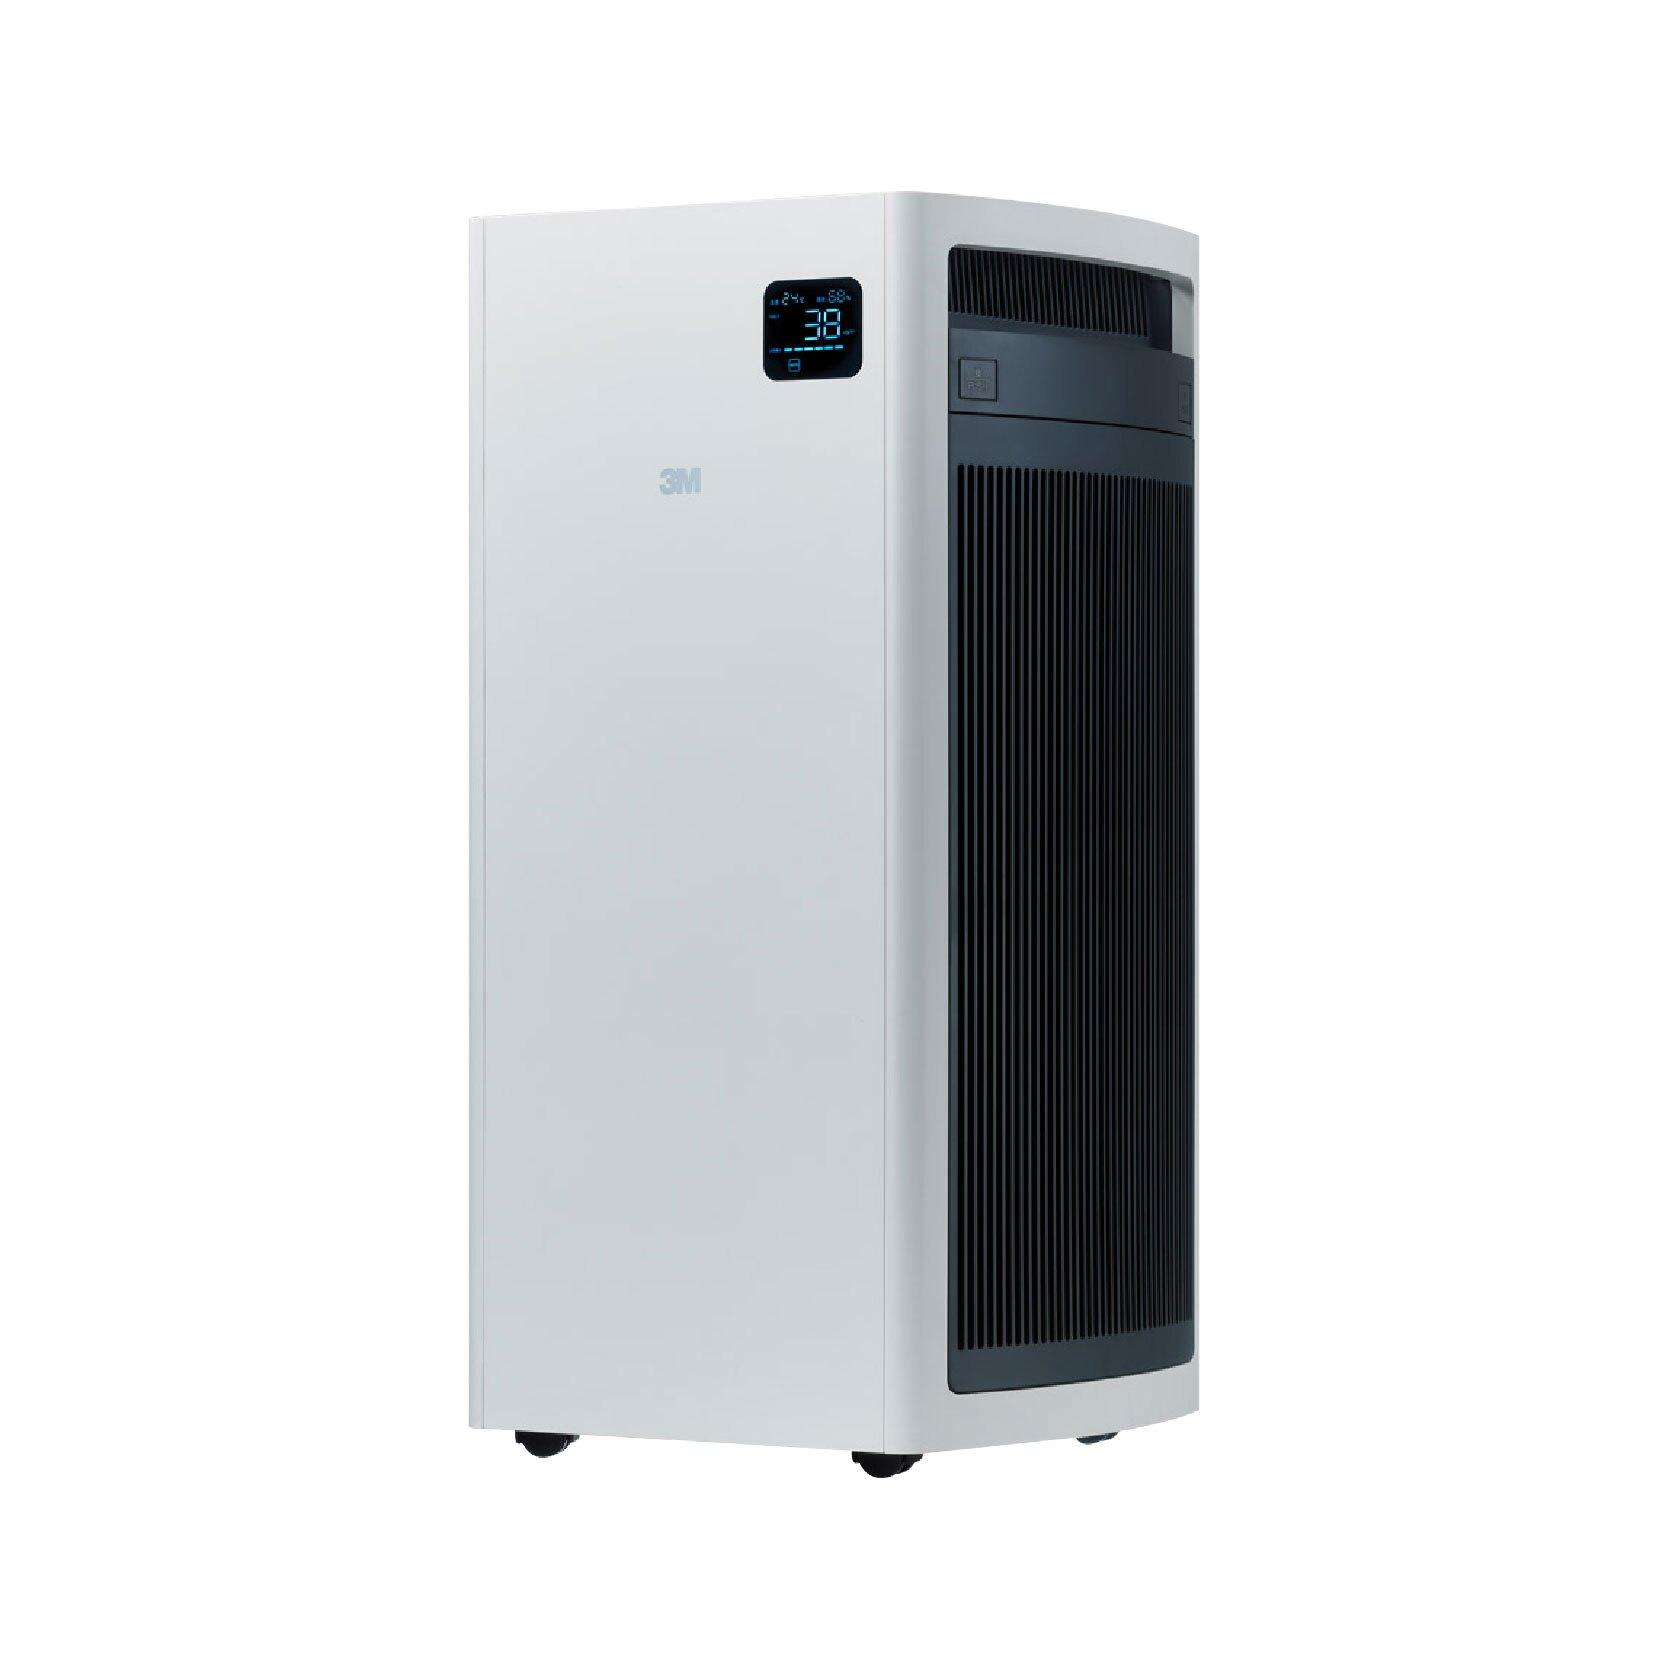 3M FA-S500 淨呼吸空氣清淨機-全效型 (附贈兩片濾網)